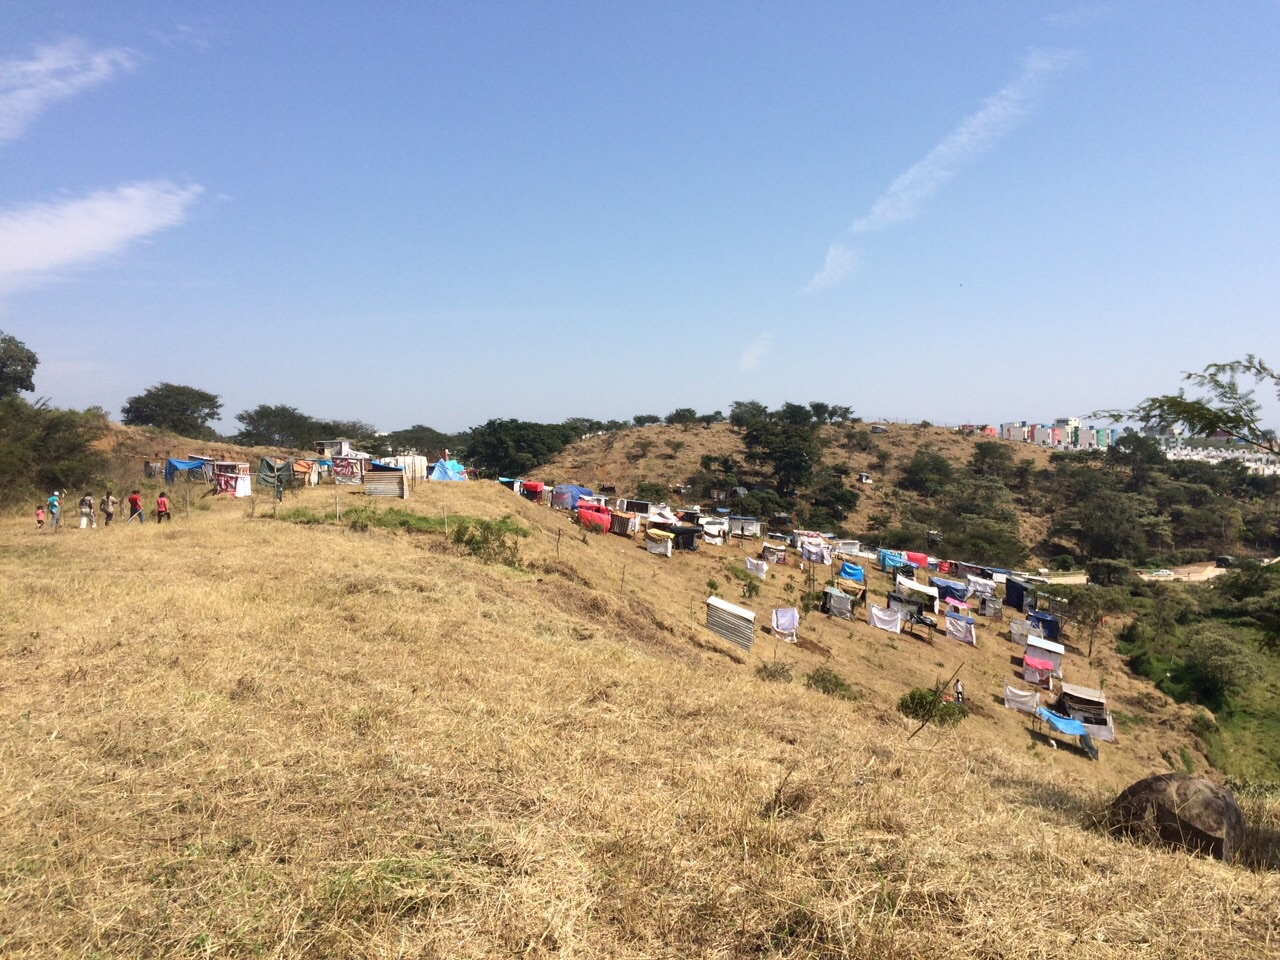 Con maquinaria y machetes 300 antorchistas invaden amplia for Villas xalapa